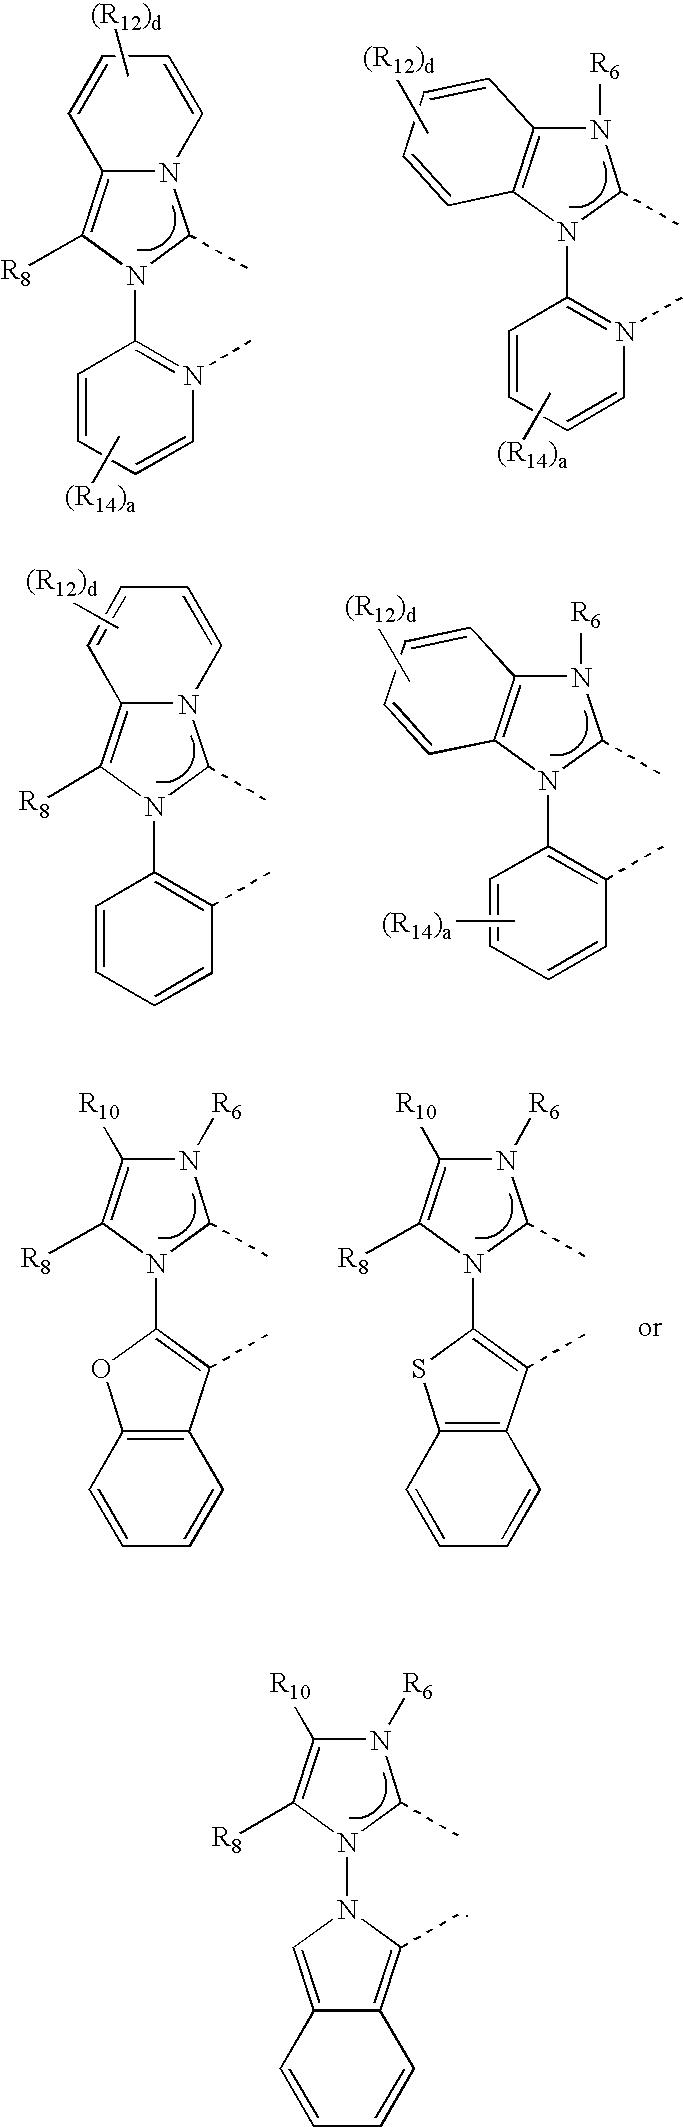 Figure US20090140640A1-20090604-C00029